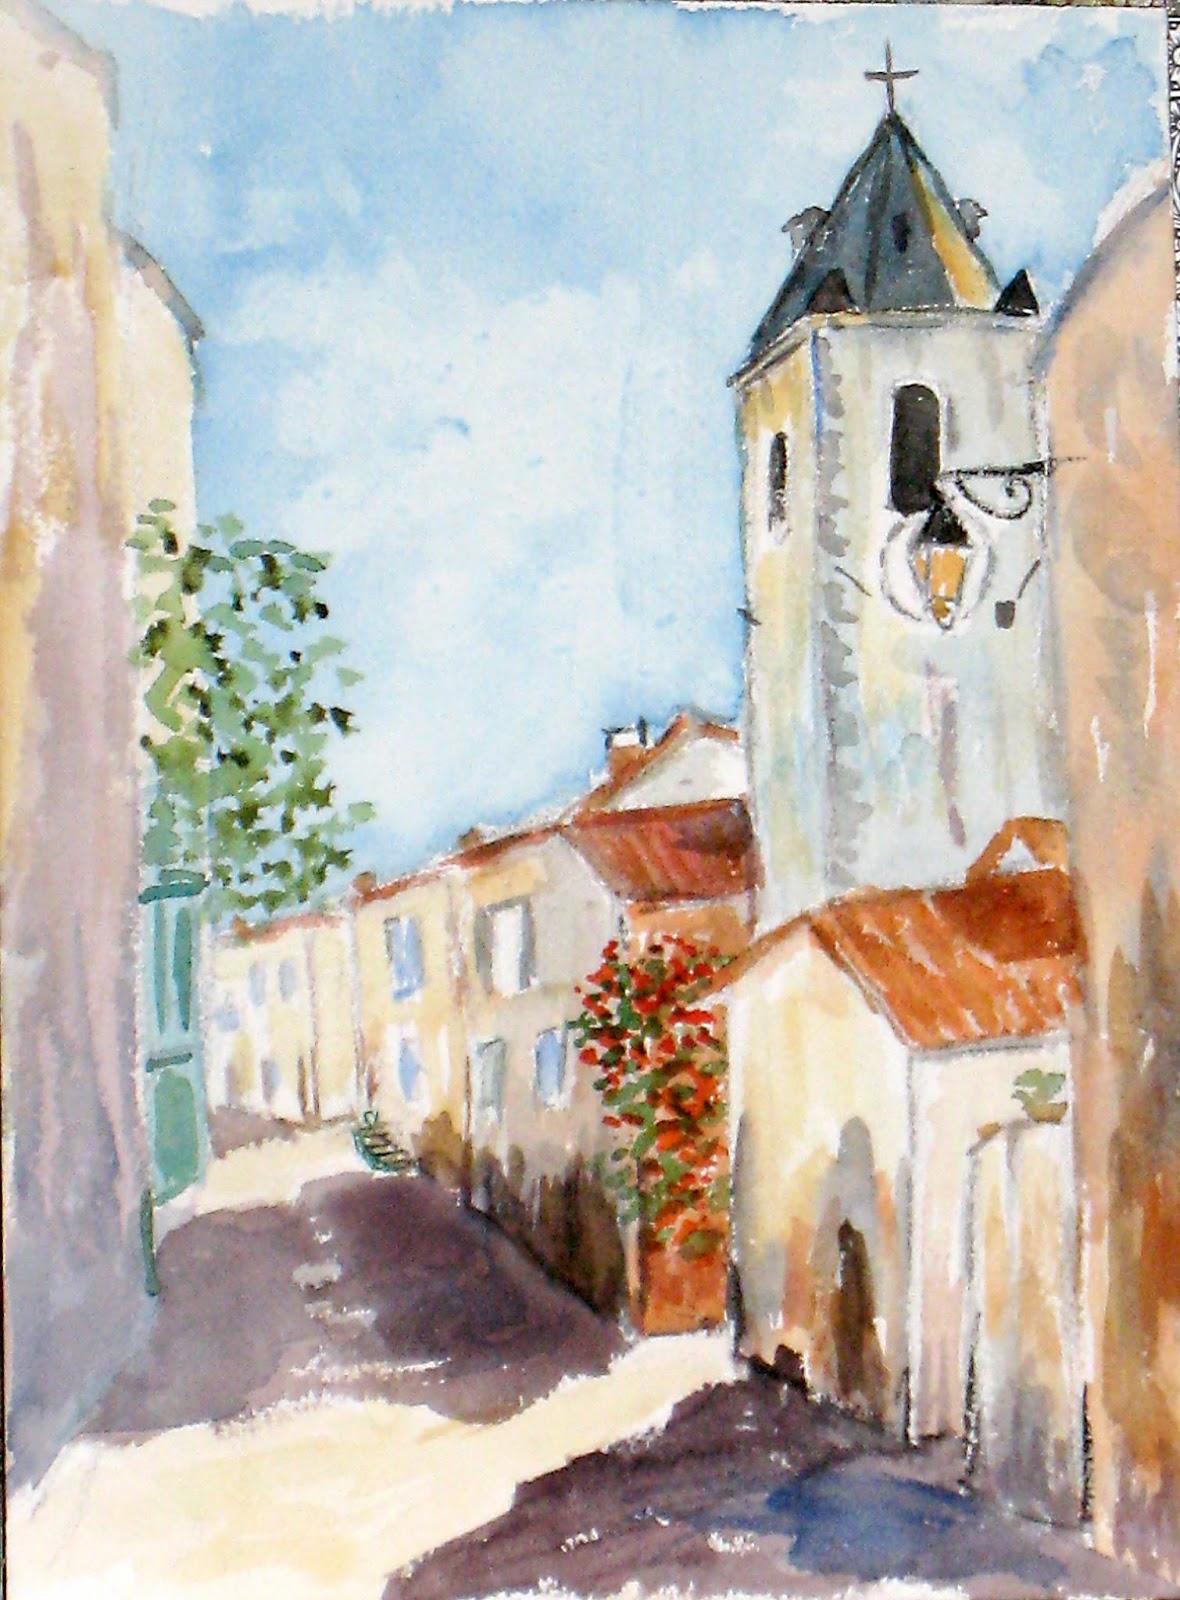 Art de vivre la peinture de peintrefiguratif peinture for Peindre sur du badigeon